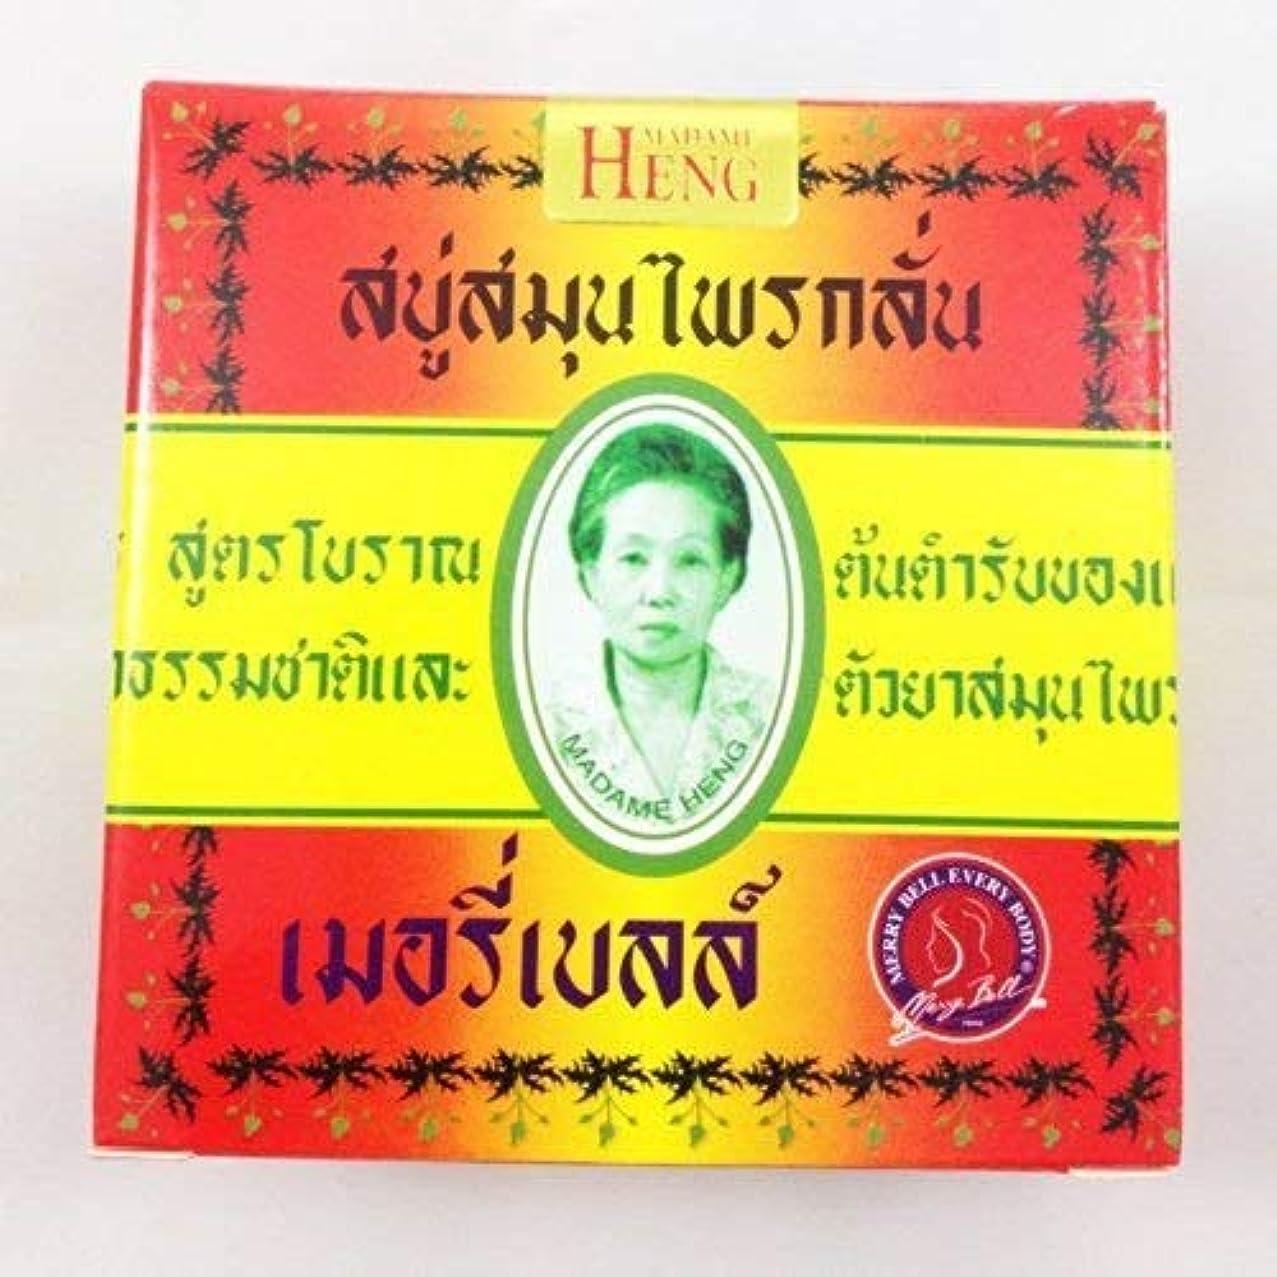 薄める寝具牽引Madame Heng Thai Original Natural Herbal Soap Bar Made in Thailand 160gx2pcs by Ni Yom Thai shop